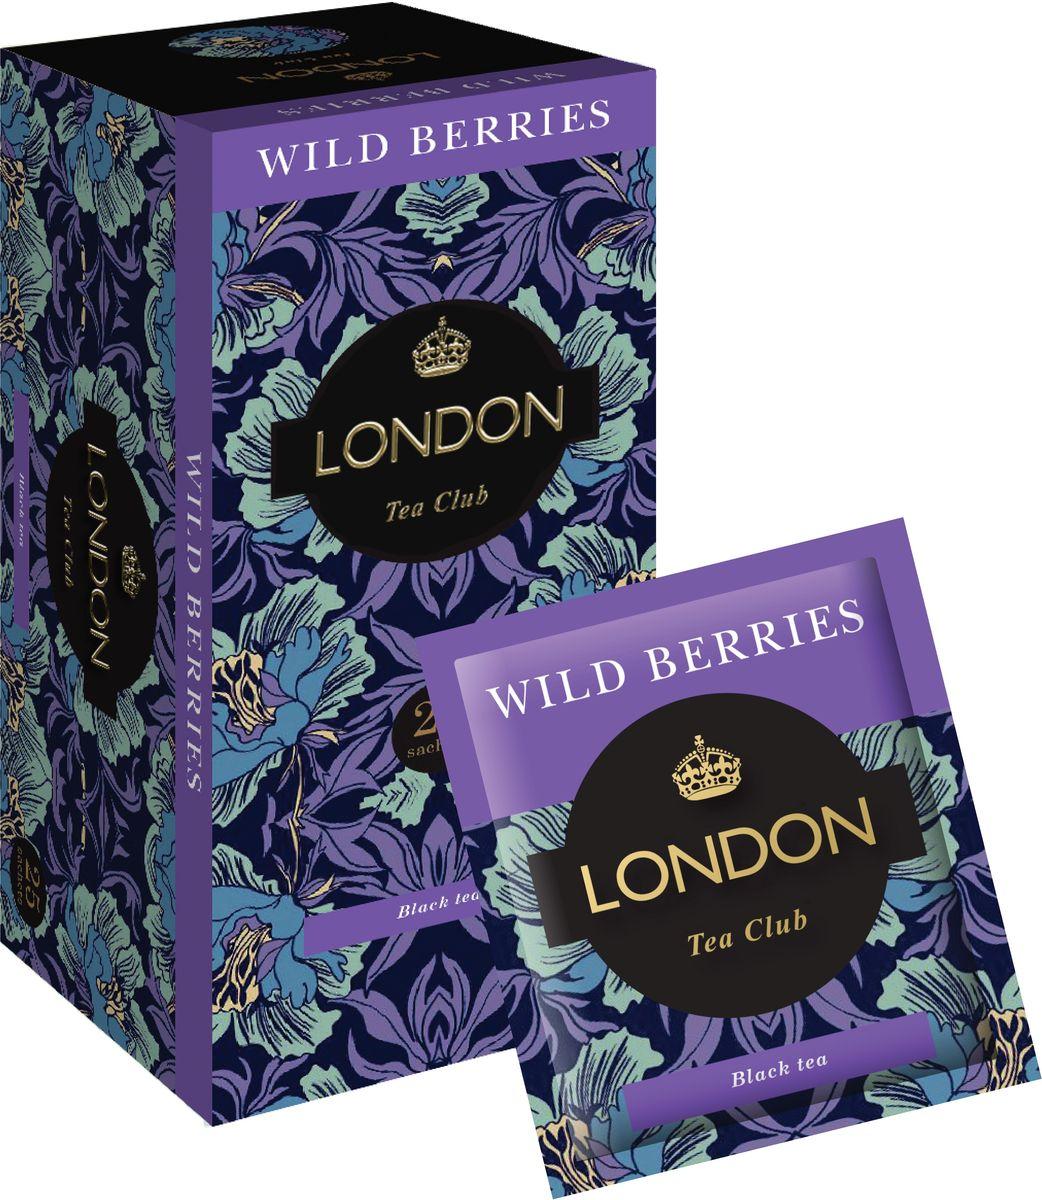 London Tea Club Лесные ягоды чай черный в пакетиках, 25 шт73Ароматная смесь черного чая и цельных лесных ягод, которые придают напитку особый ягодный вкус. Этот благоухающий чай создает приятное летнее настроение, прекрасно восстанавливает силы.